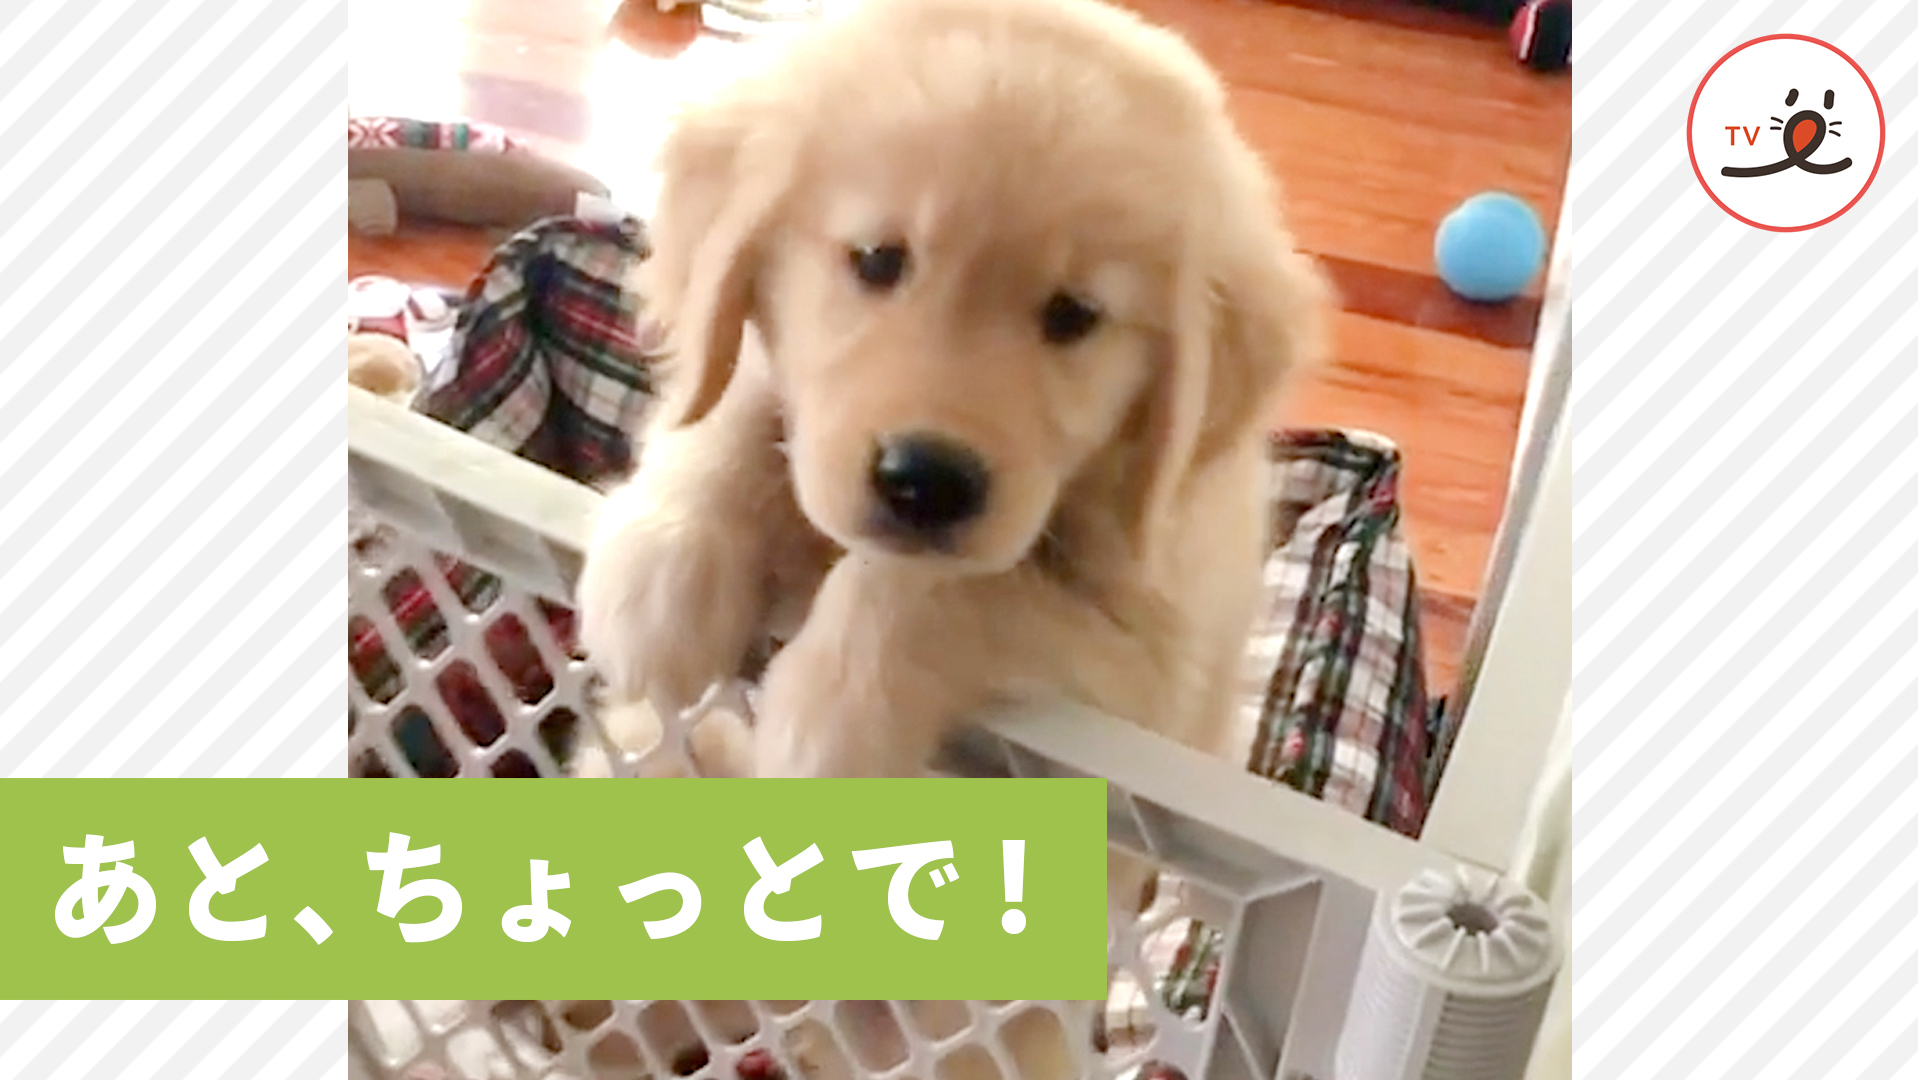 ヨジヨジと登る可愛い子犬ちゃん💕 飼い主さんのところに行きたくて頑張ったけど…